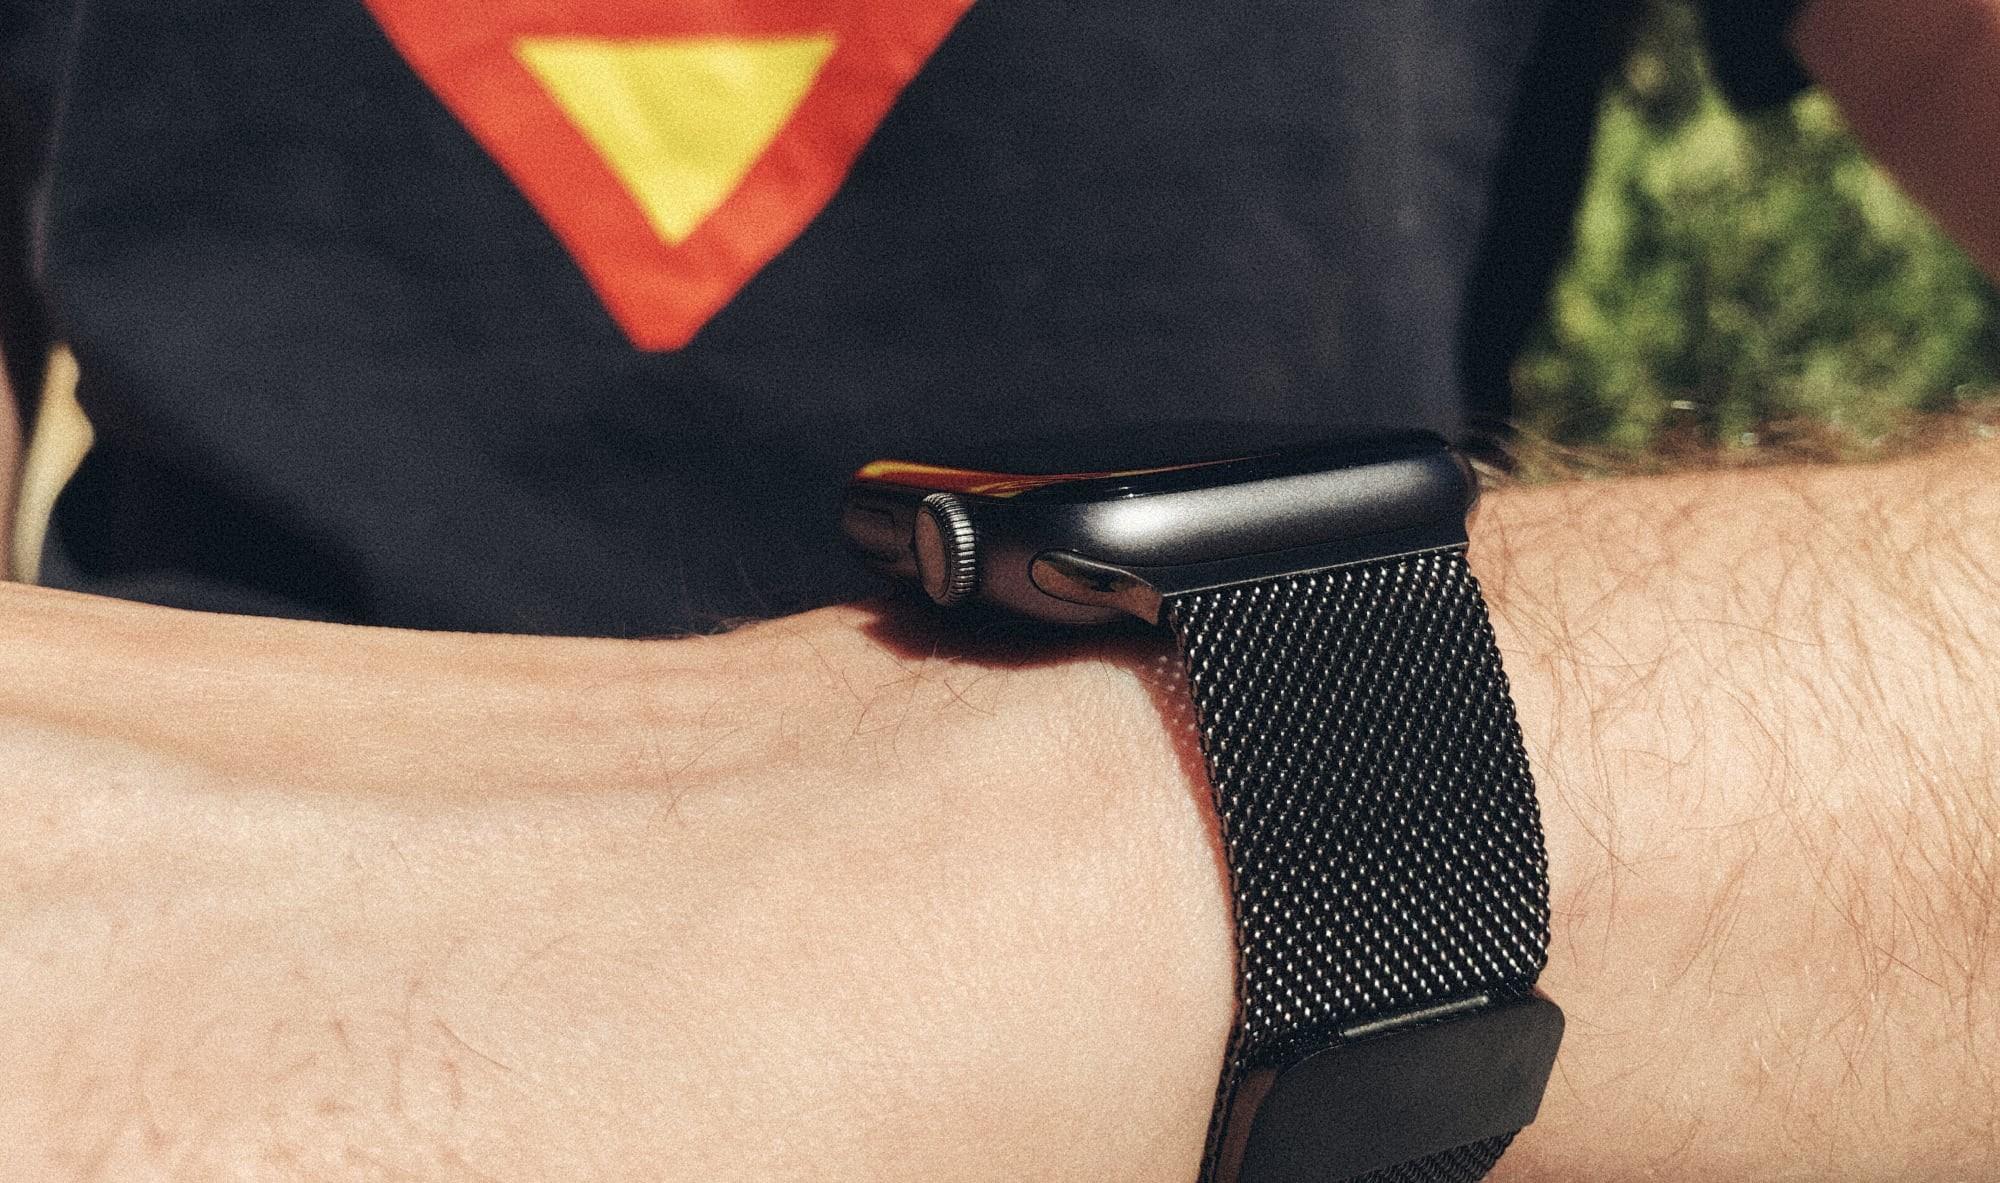 3b25b43e9 He probado 5 réplicas de las correas del Apple Watch: diseños casi  idénticos, precios muy diferentes